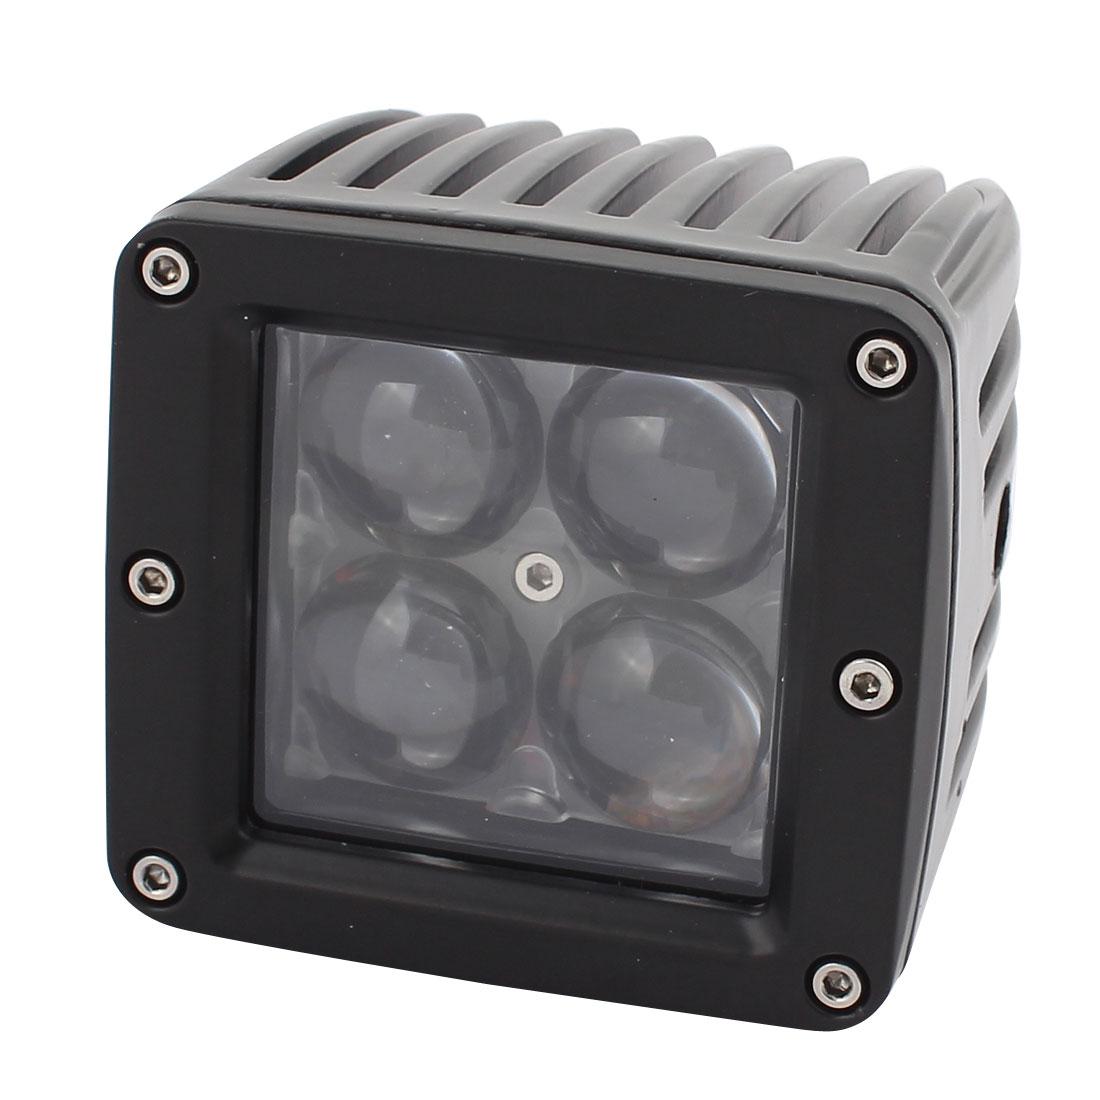 20W DC 10V-30V 4 LED Bulb Spotlight Working Lamp for Hall Lighting